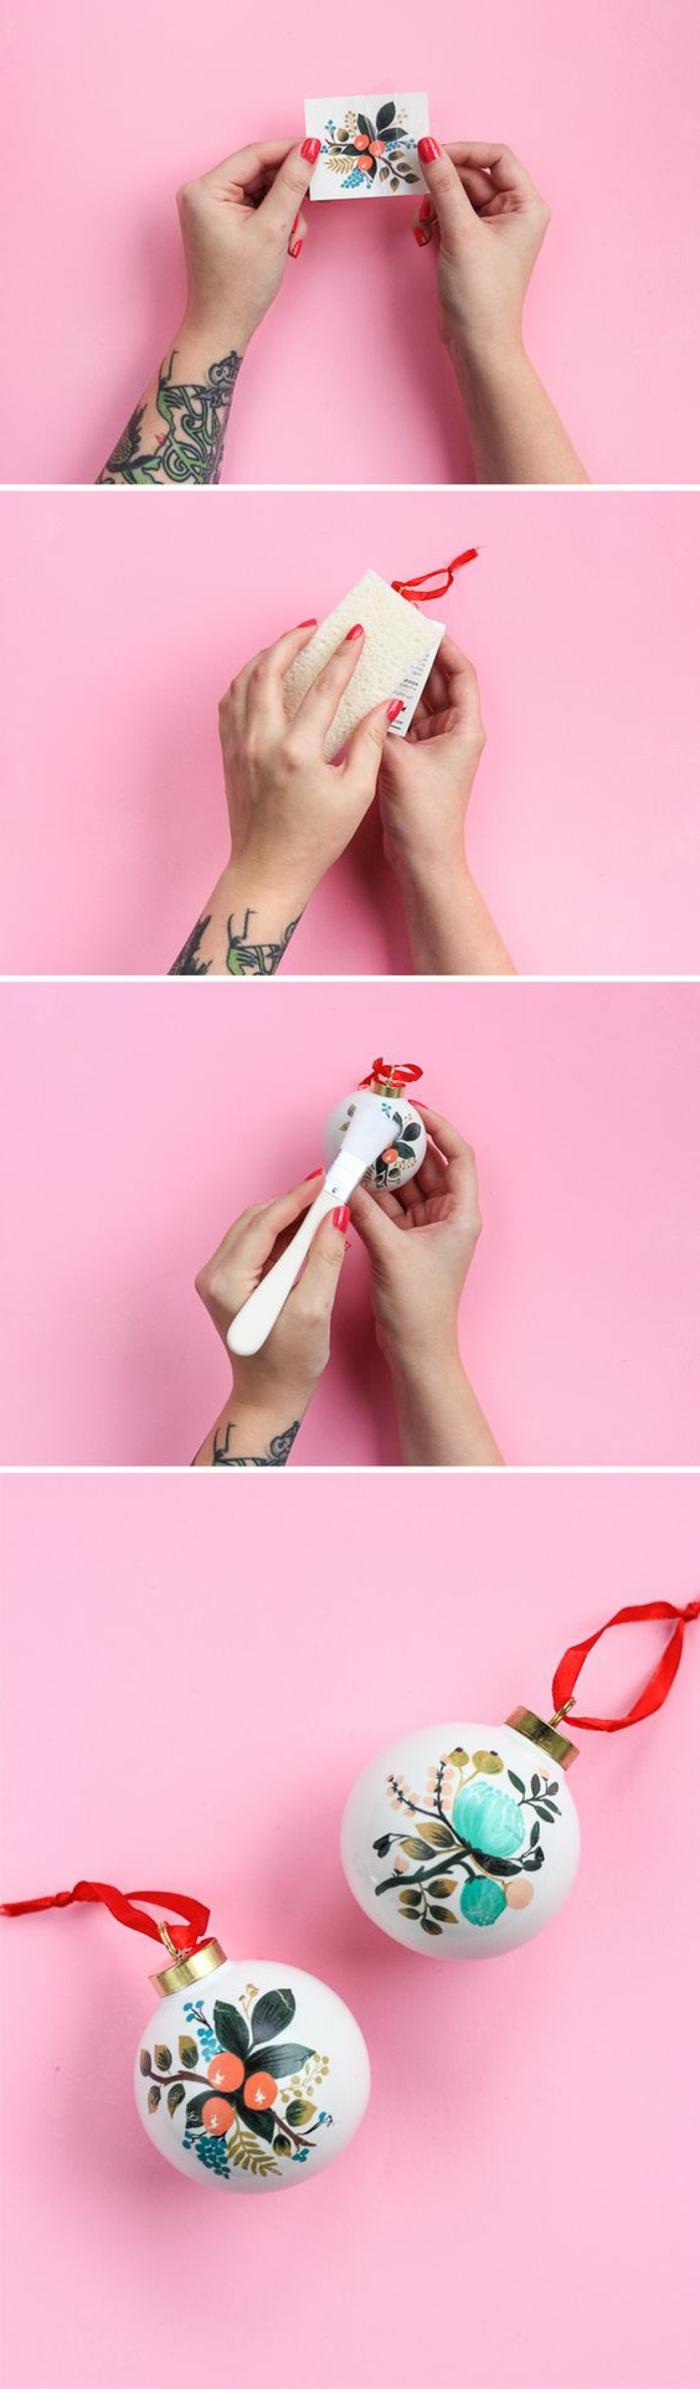 tattoo vorlage rosa hintergrund ideen wie man die tattoos als dekoration in mehreren bereichen verwendet